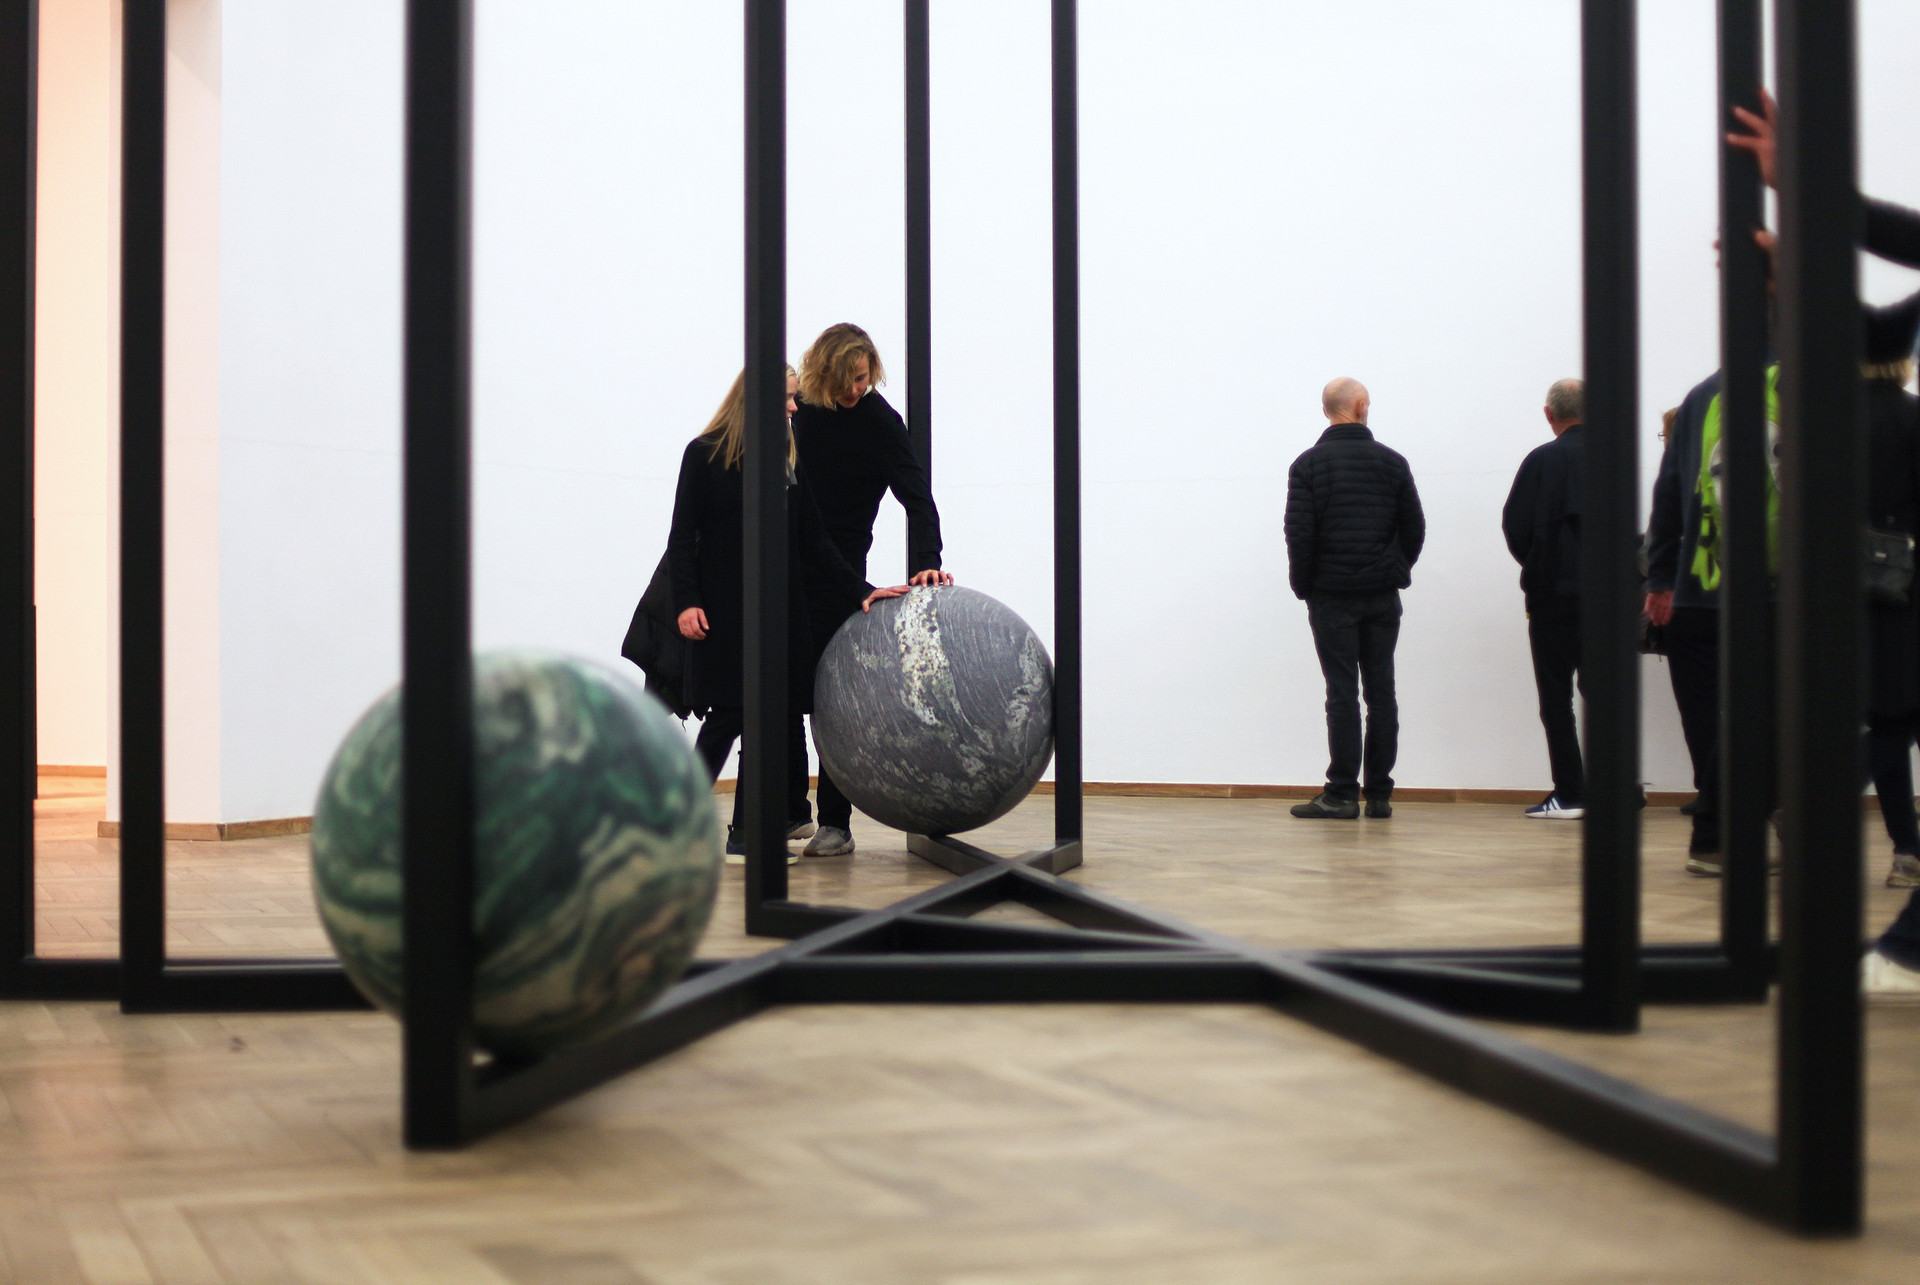 vilde livsdatter_exhibitions-7980.jpg